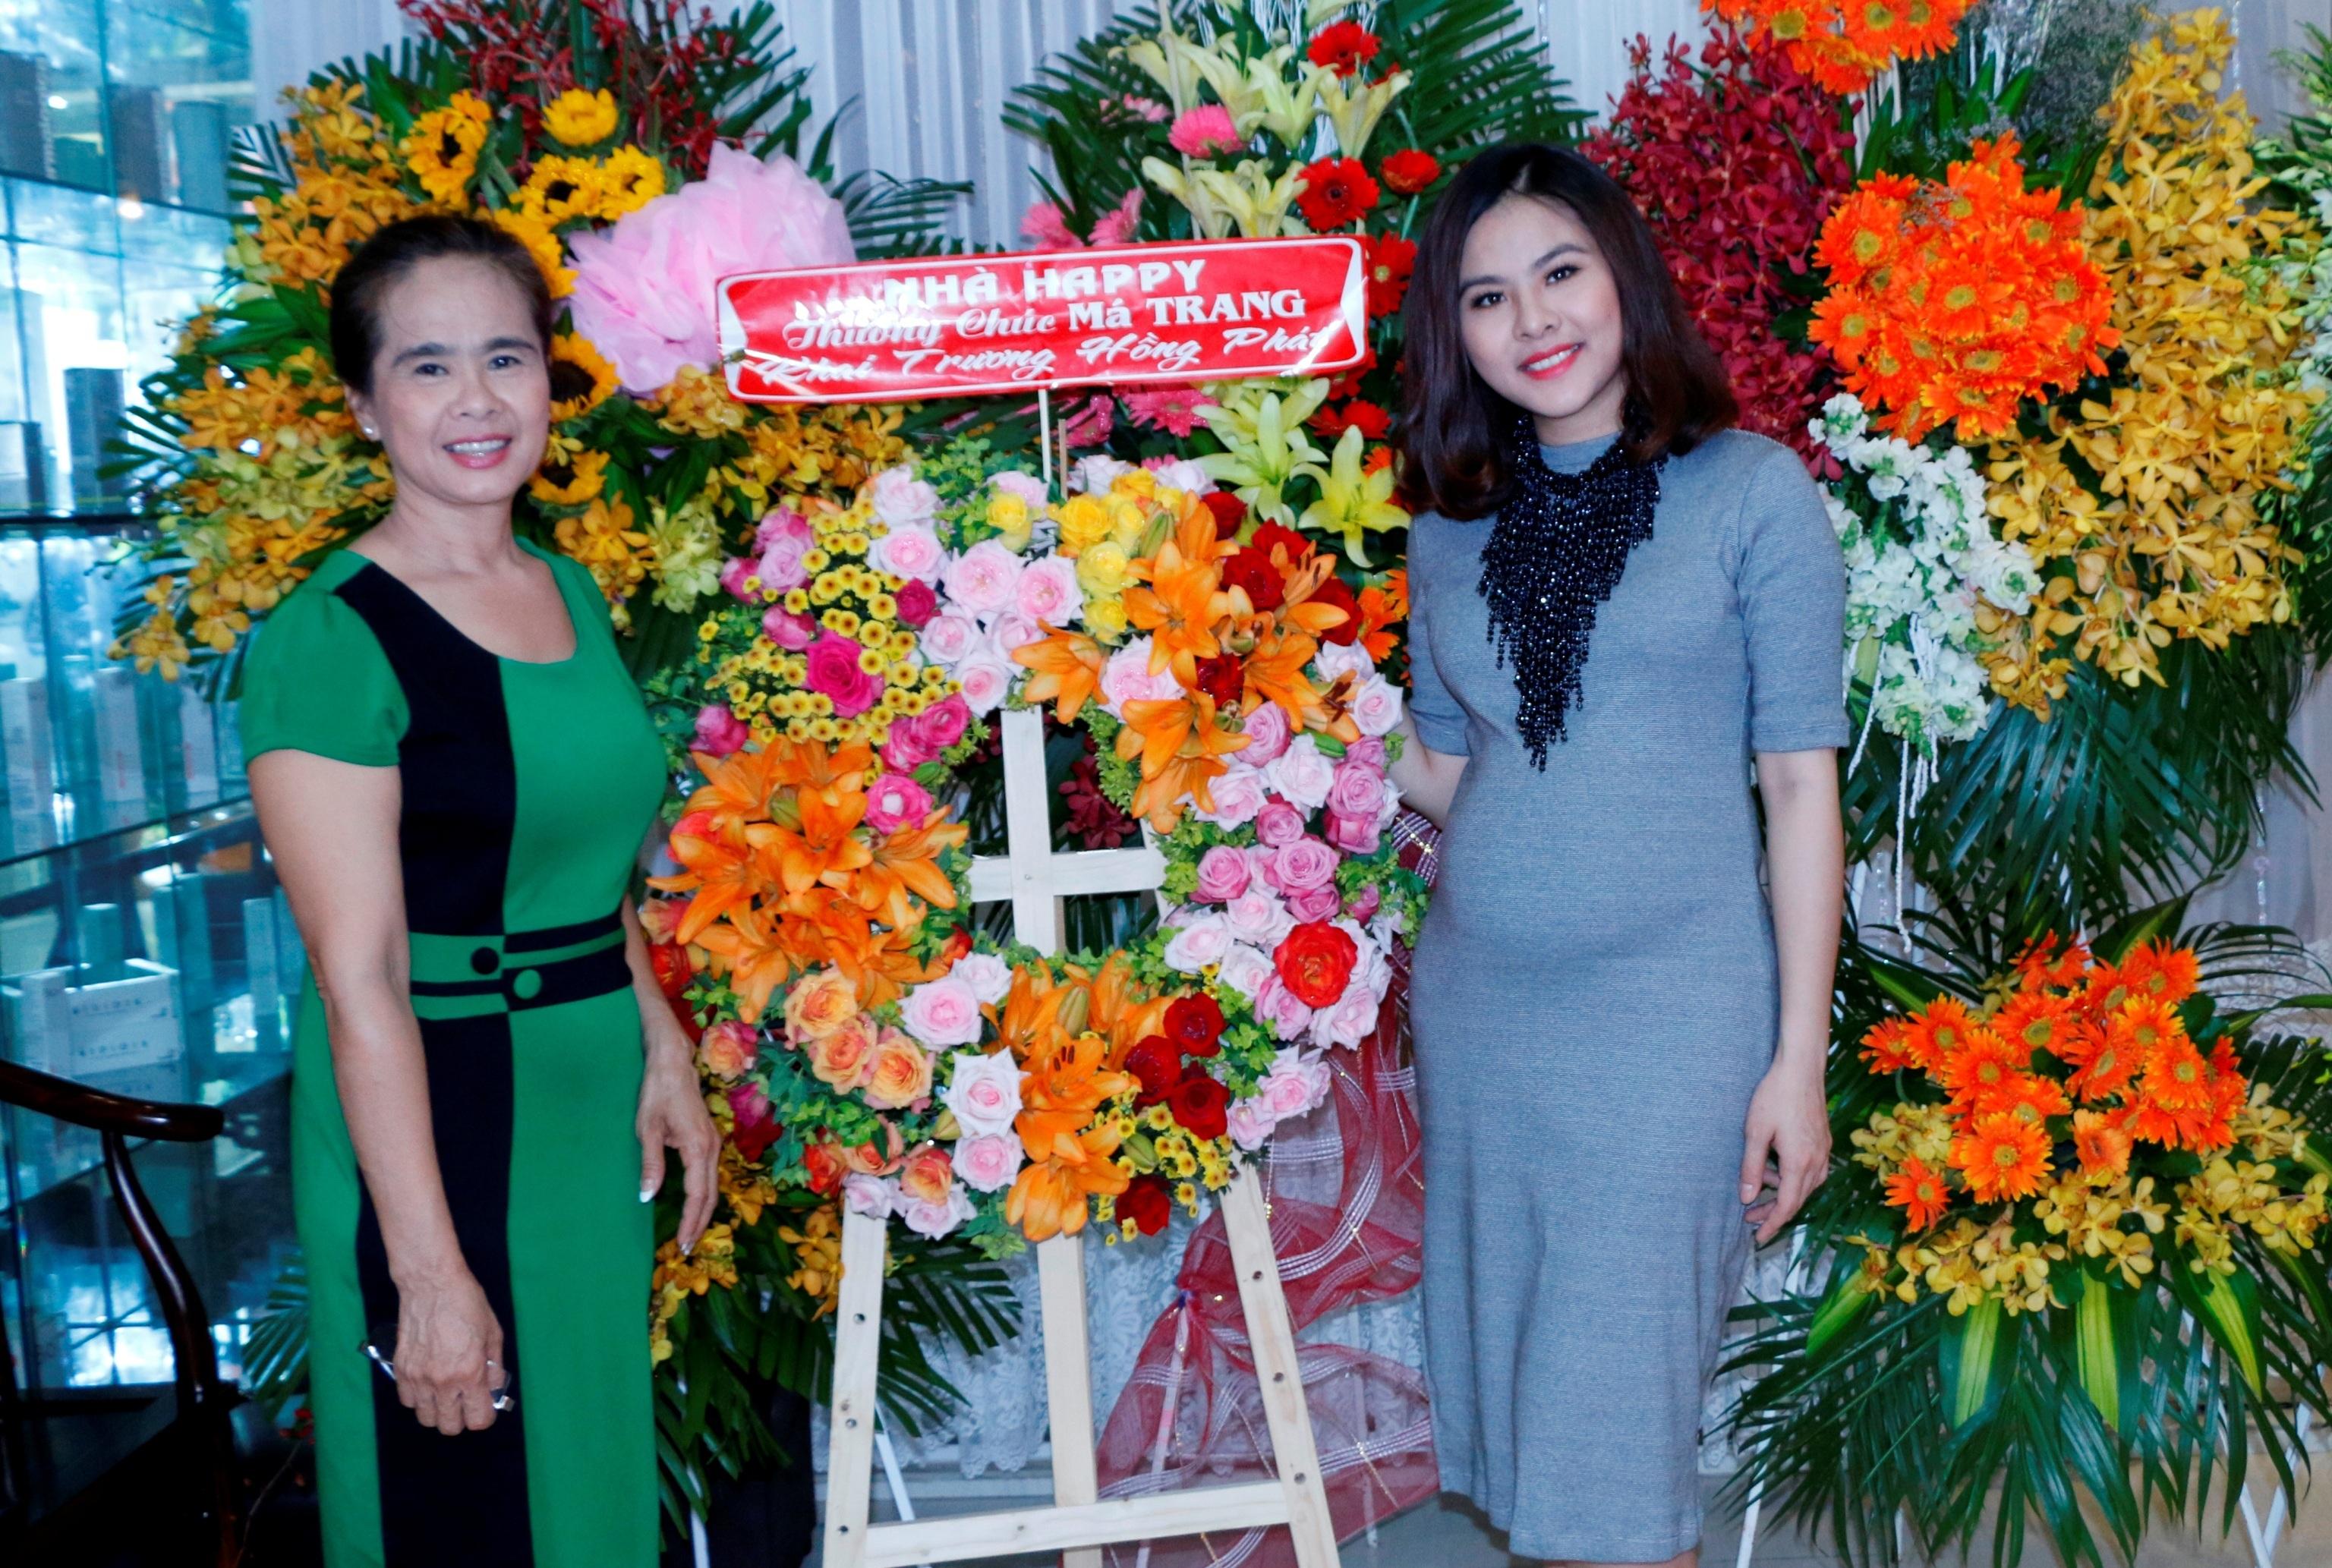 Vân Trang và mẹ. Mẹ Vân Trang không chỉ là một người mẹ hết lòng thương yêu con cái, bà cũng là cánh tay đắc lực luôn hỗ trợ hết mình cho con gái trong công việc kinh doanh